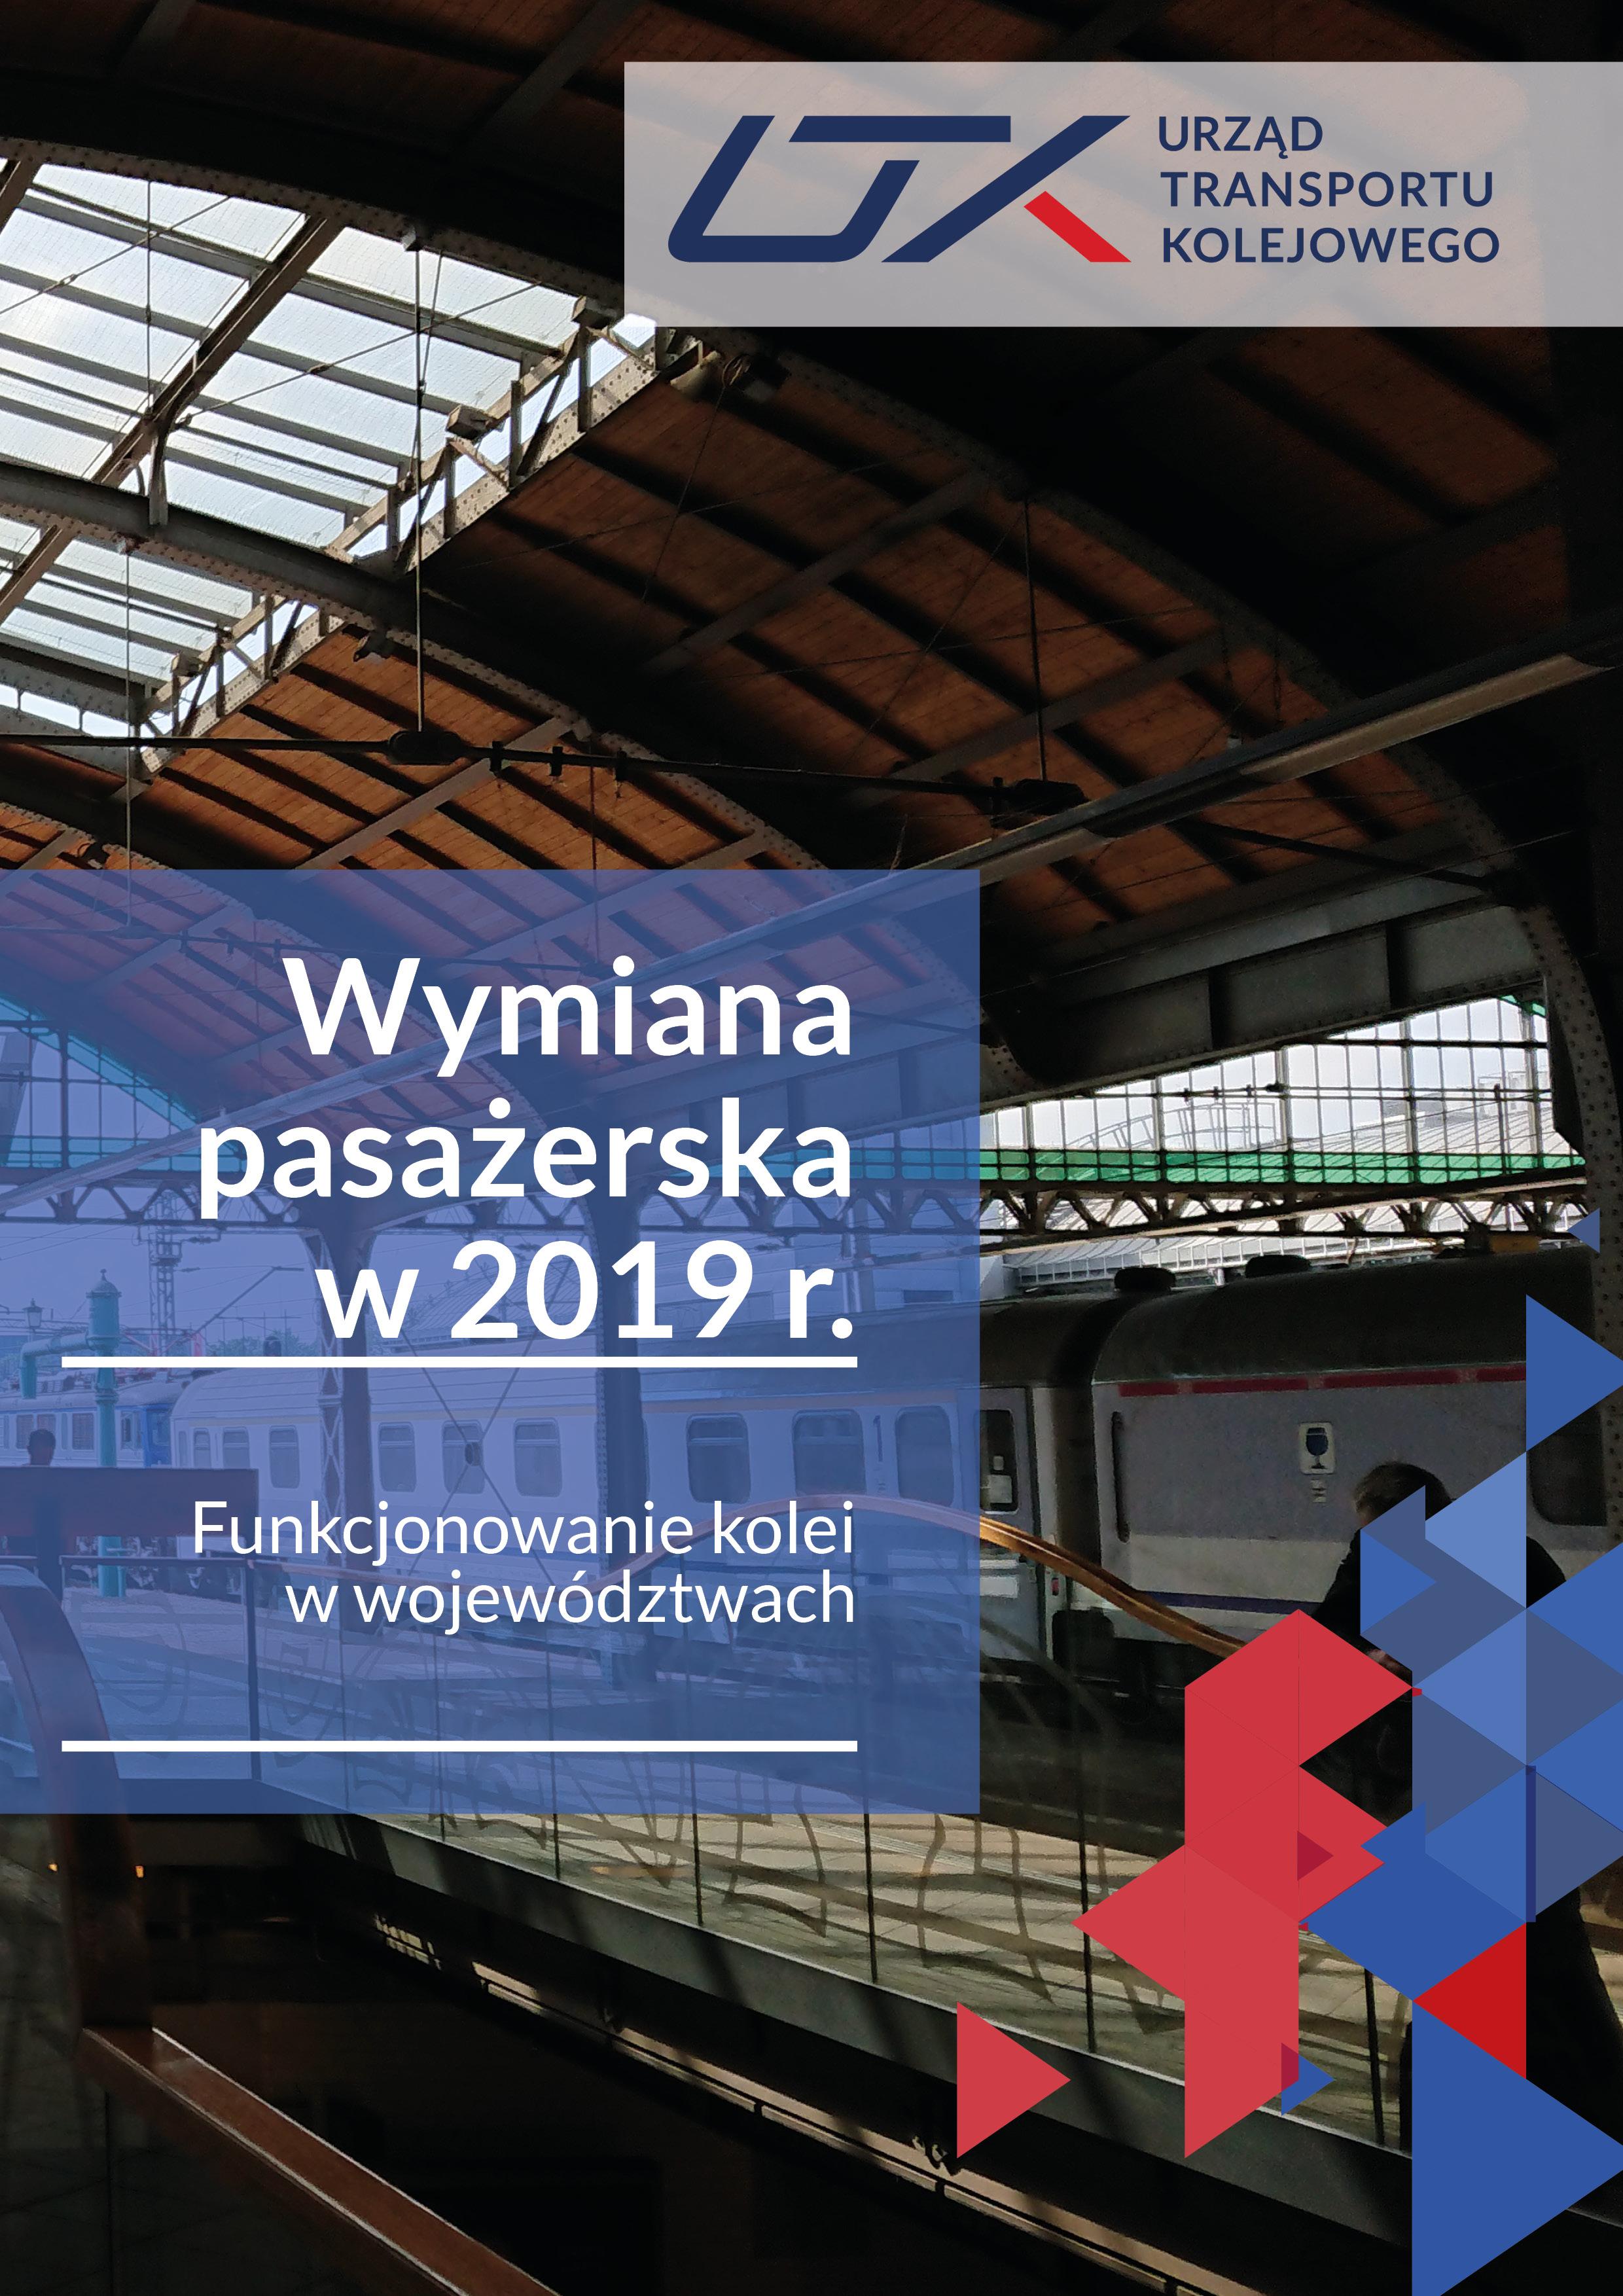 utk.gov.pl